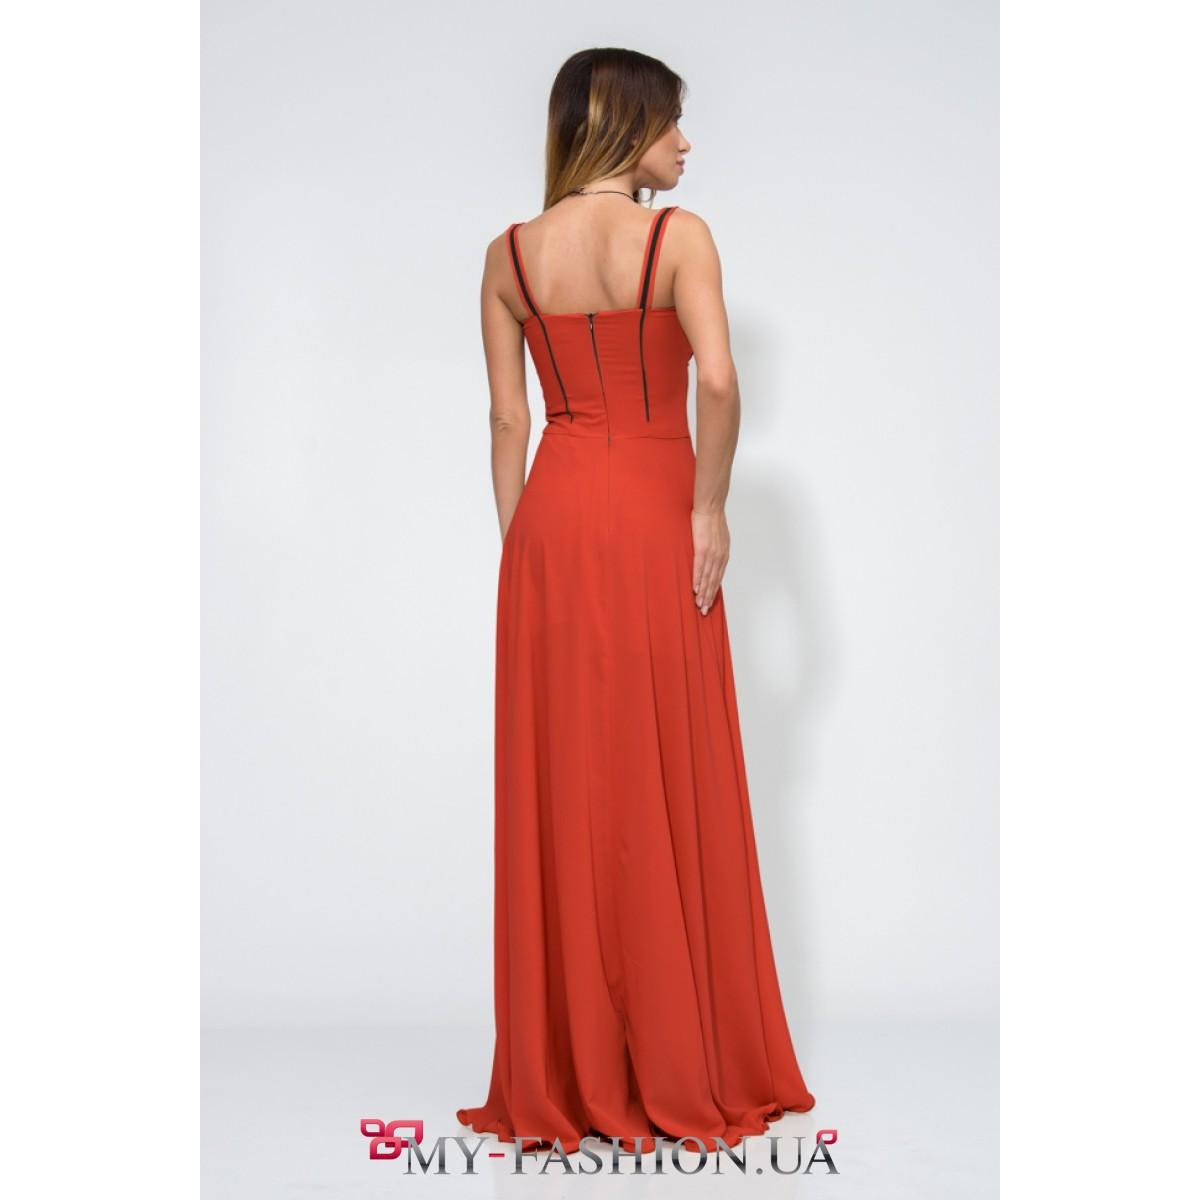 Платье оранжевого цвета вечернее